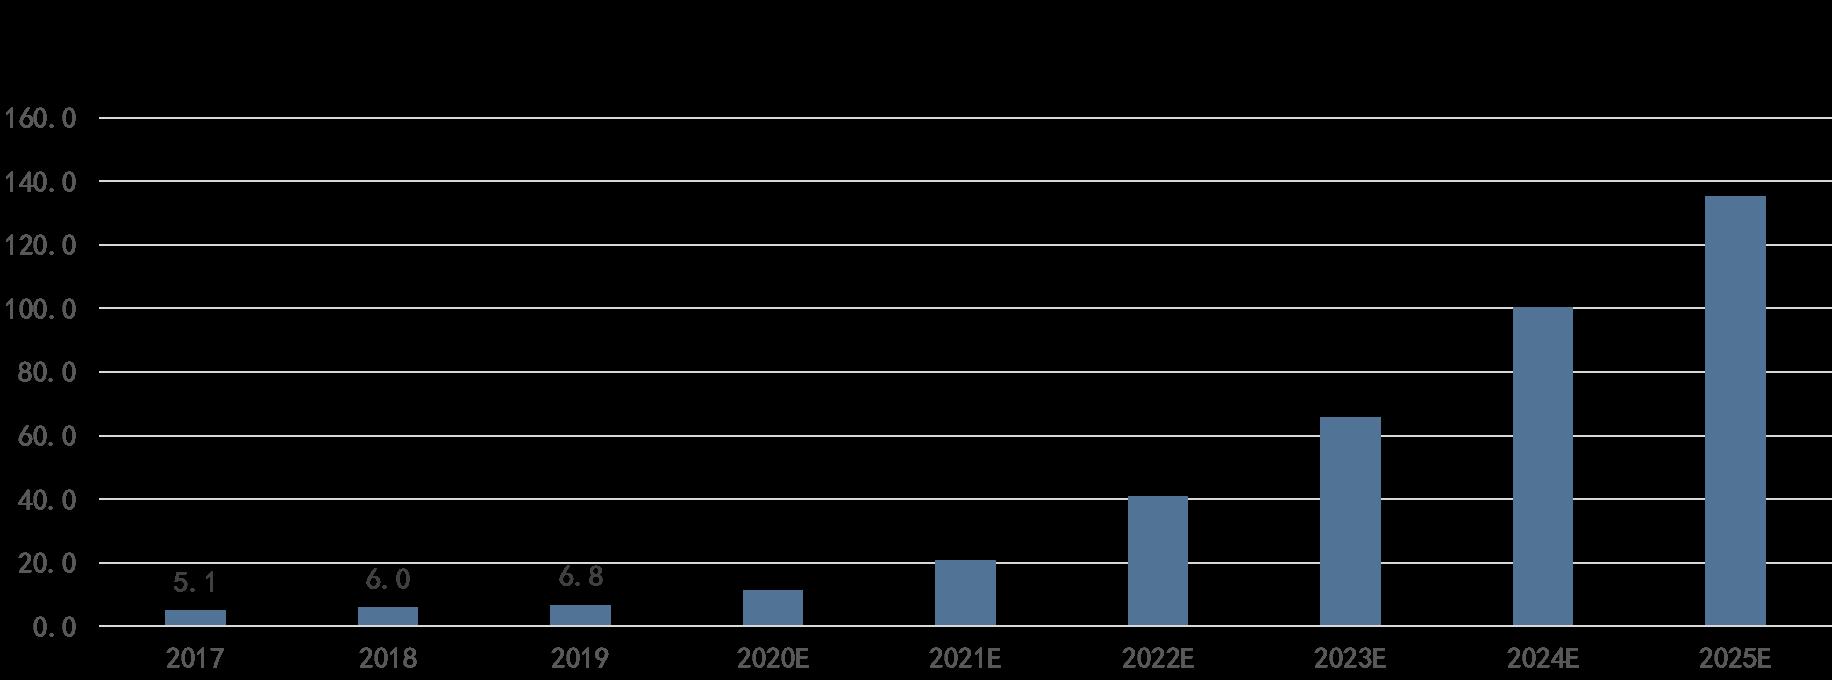 感知未来世界,激光雷达市场扫描 沙利文发布《全球激光雷达行业独立市场研究报告》